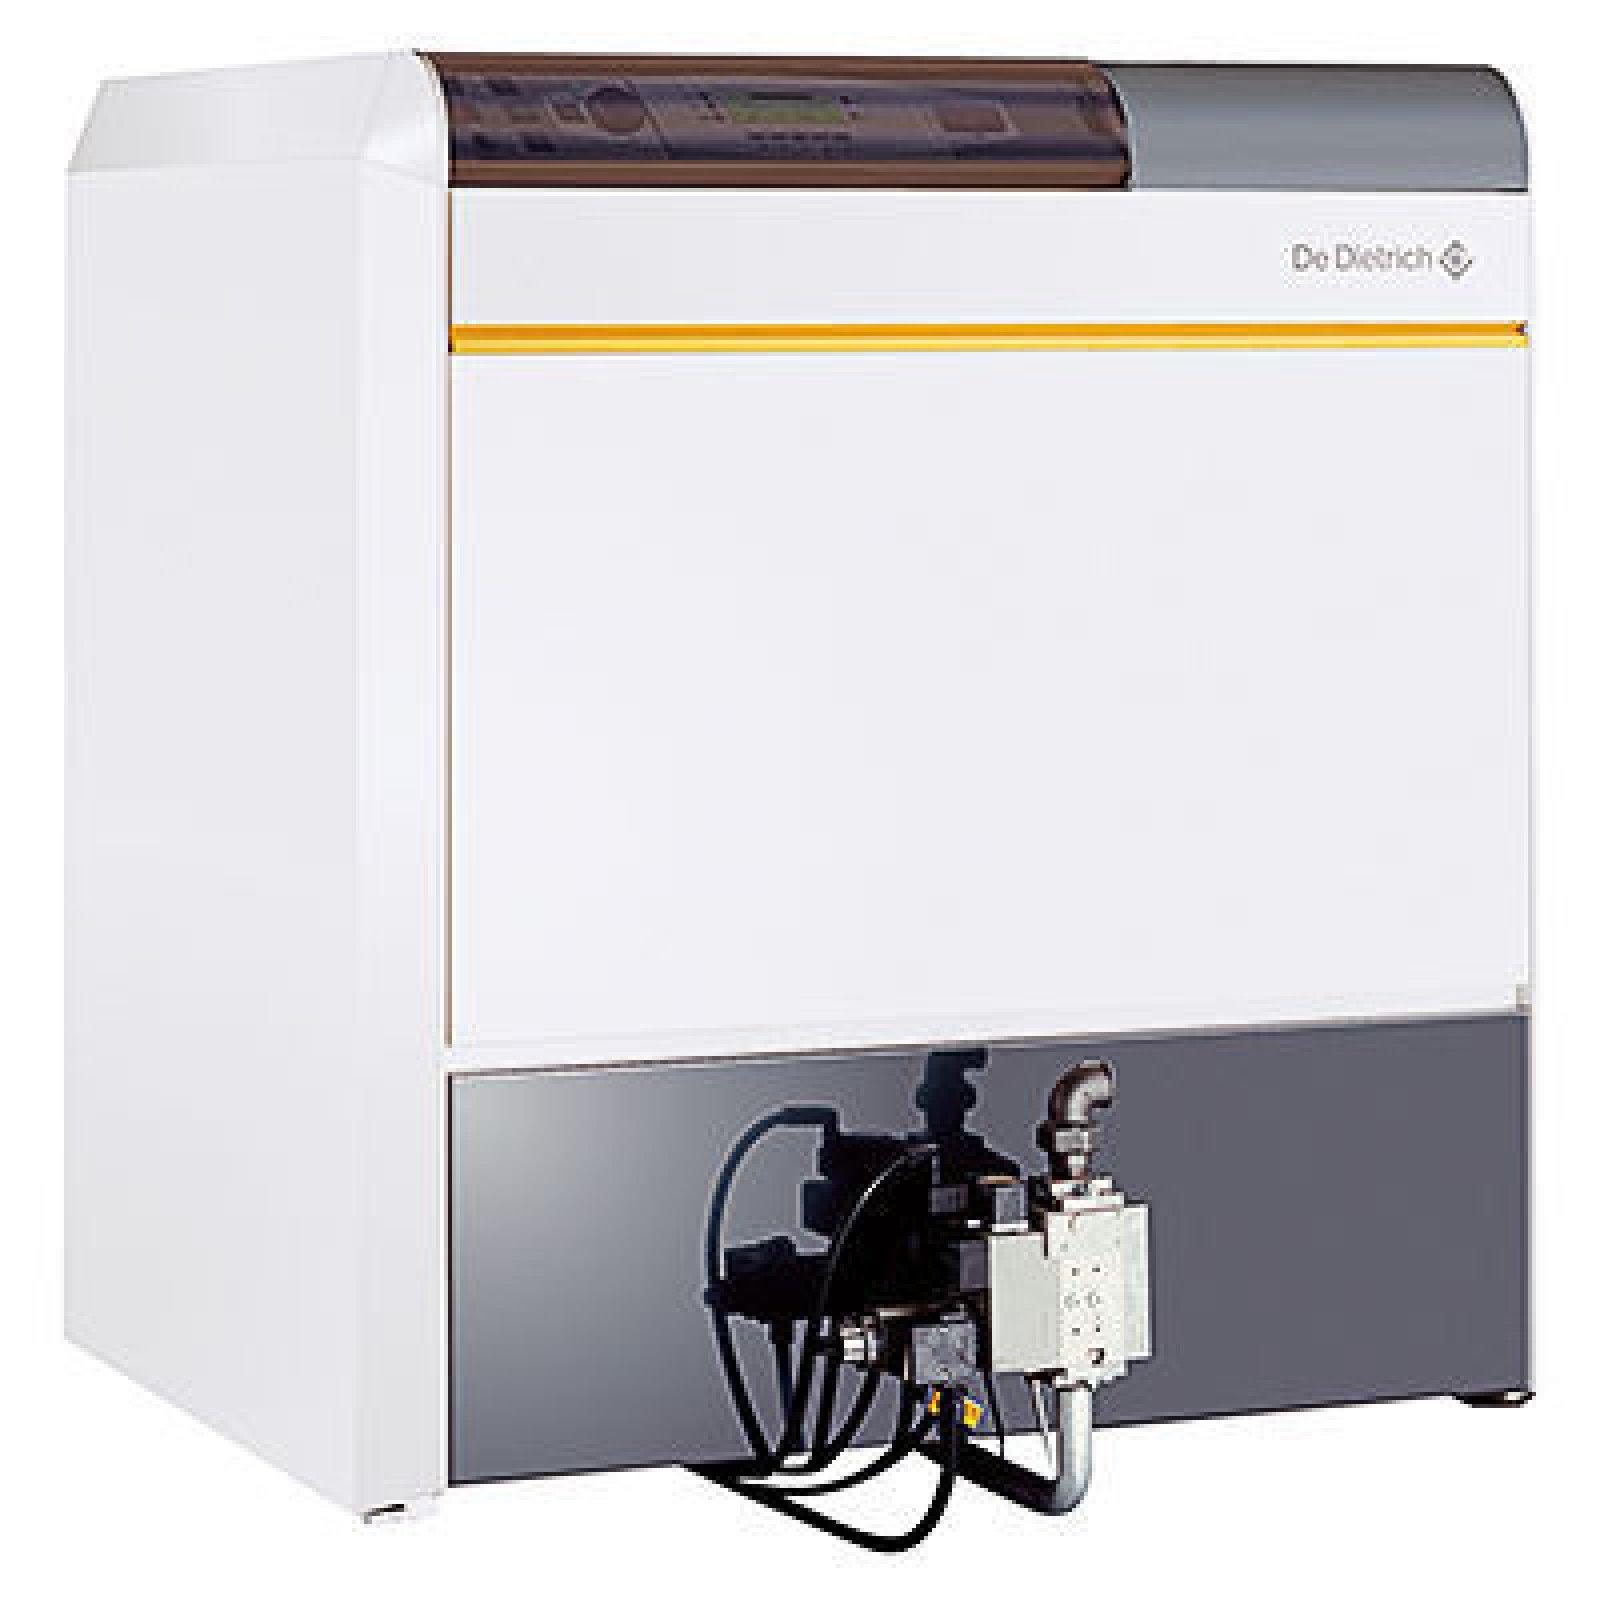 Газовый напольный атмосферный котел De Dietrich DTG 330-12 Eco NOx